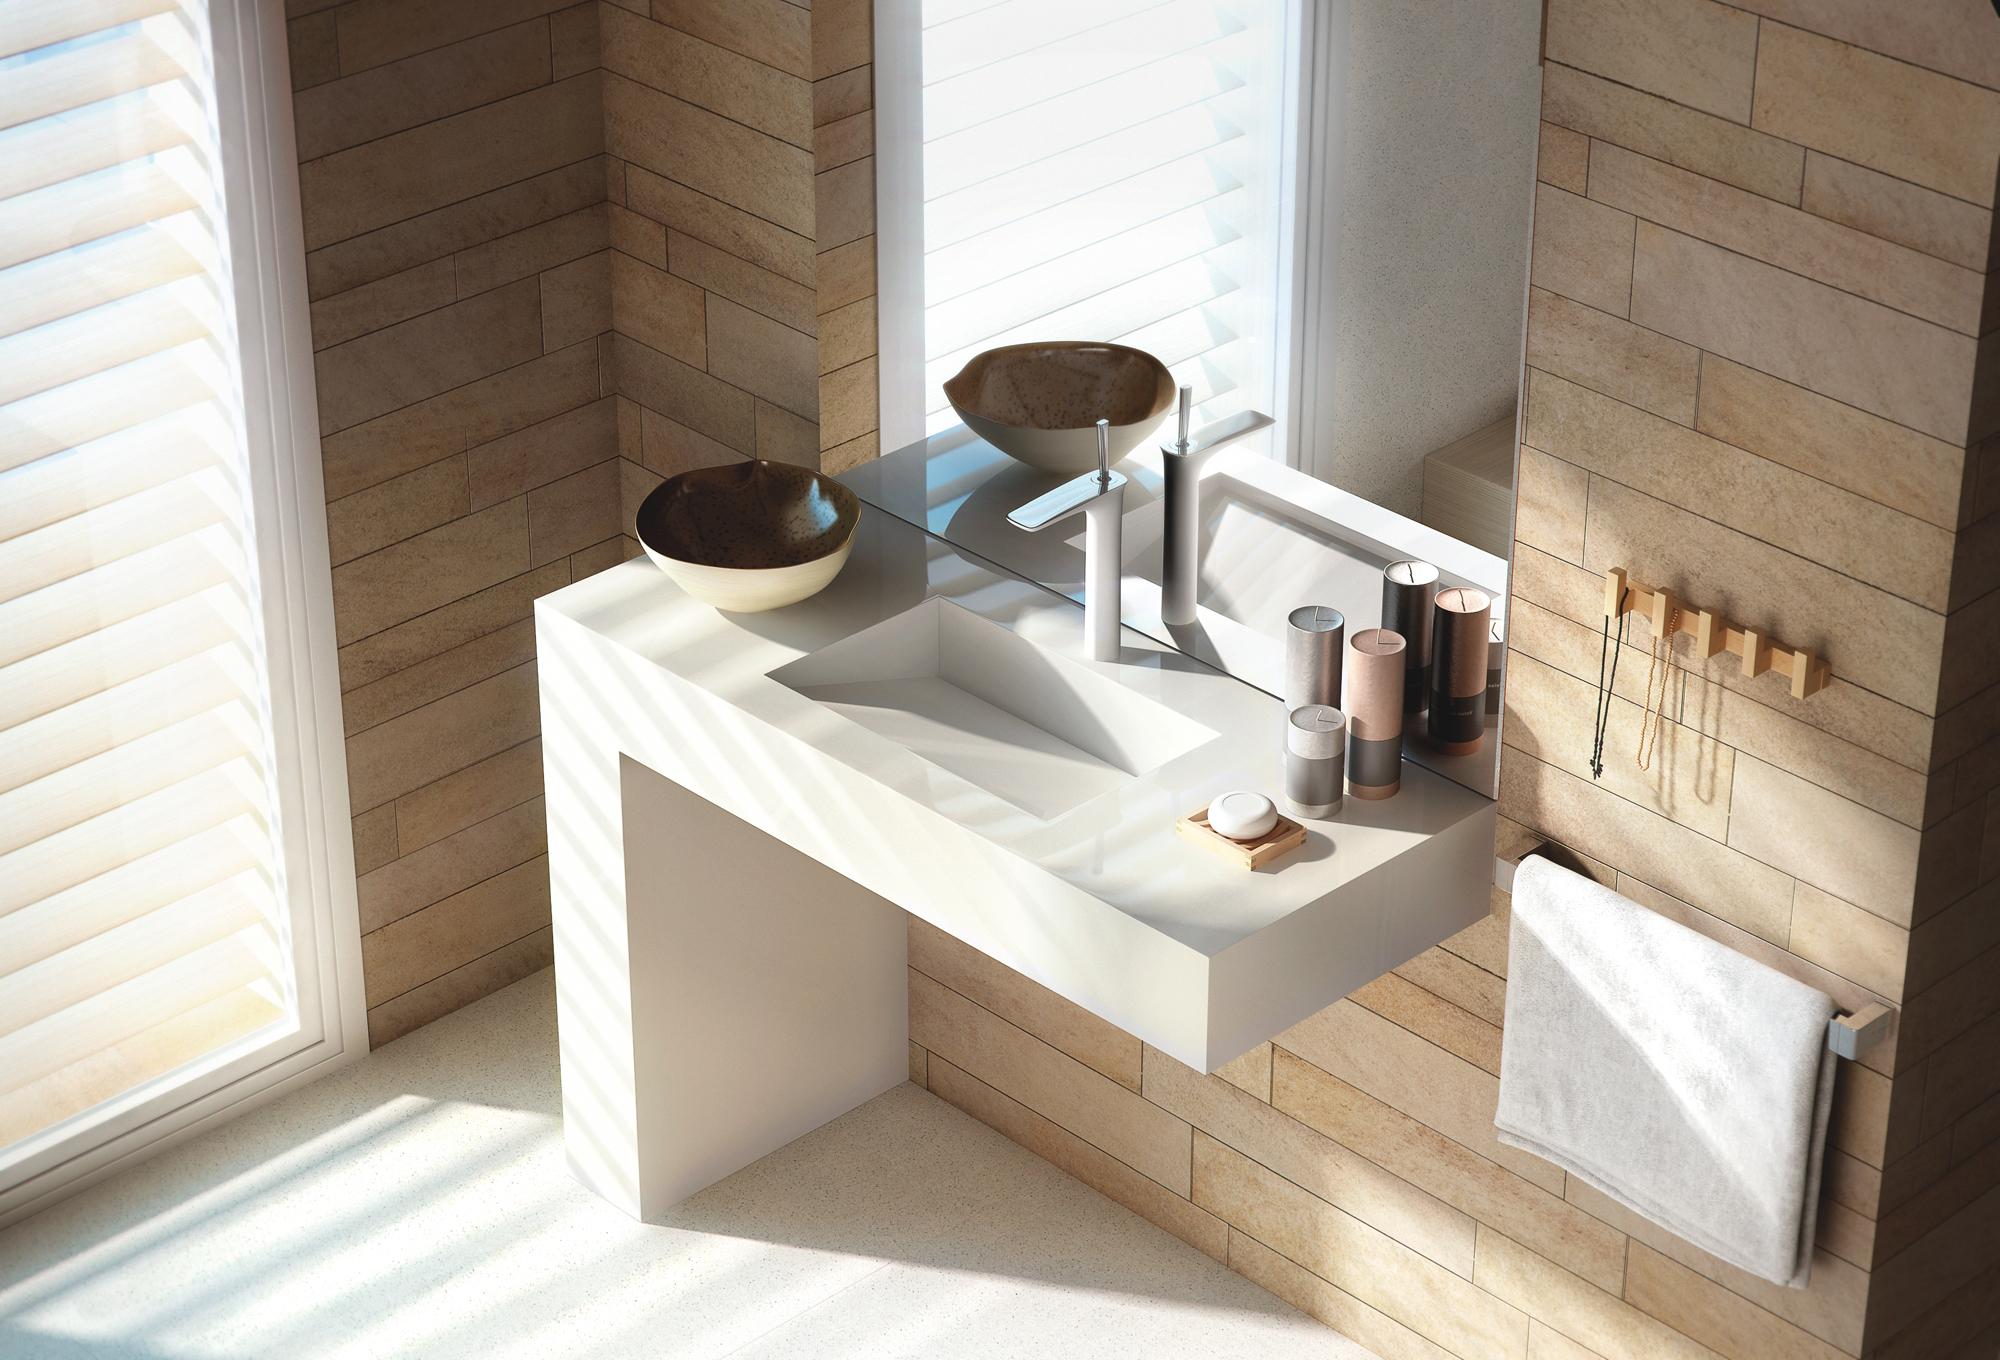 Fantastisch ... Det Muligt At Skabe Et Personligt Og Moderne Design Til Badeværelset.  Kollektionen Omfatter Både Håndvaske, Brusekar Og Badeværelsesmøbler I  Silestone, ...